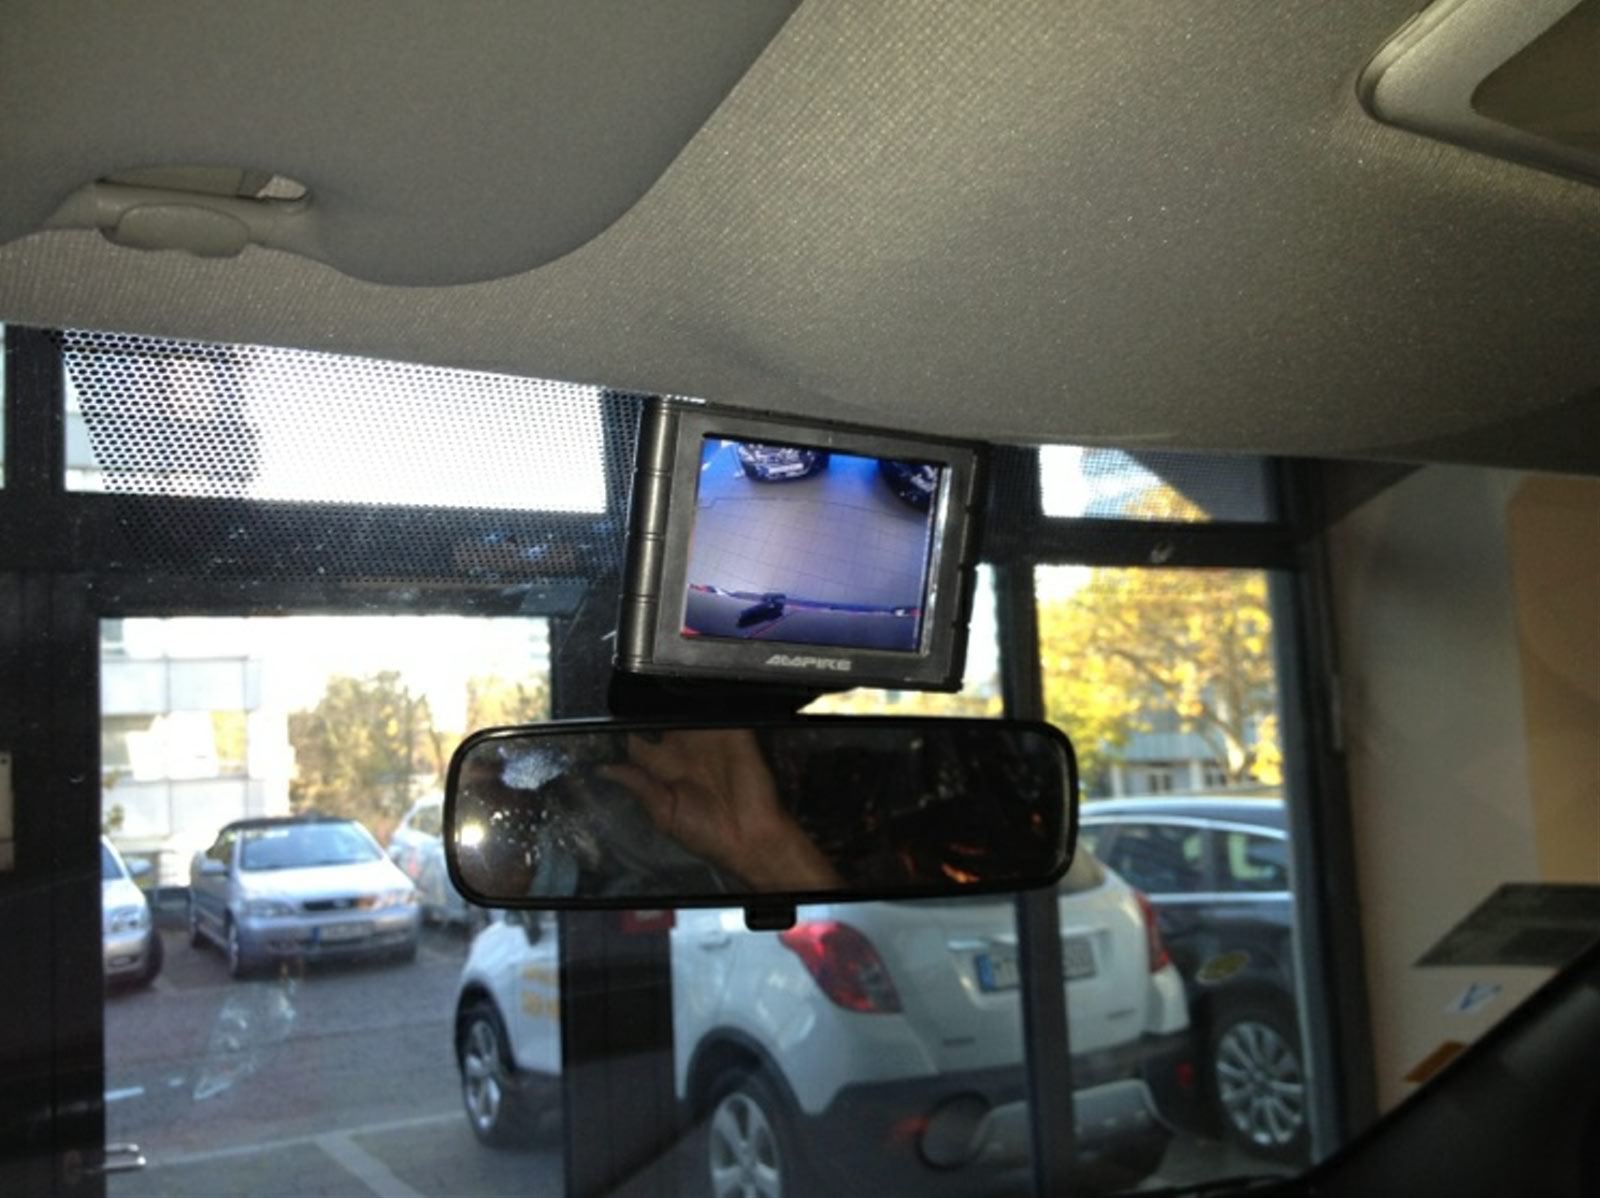 Monitor Rückfahrkamera Oper Transporter